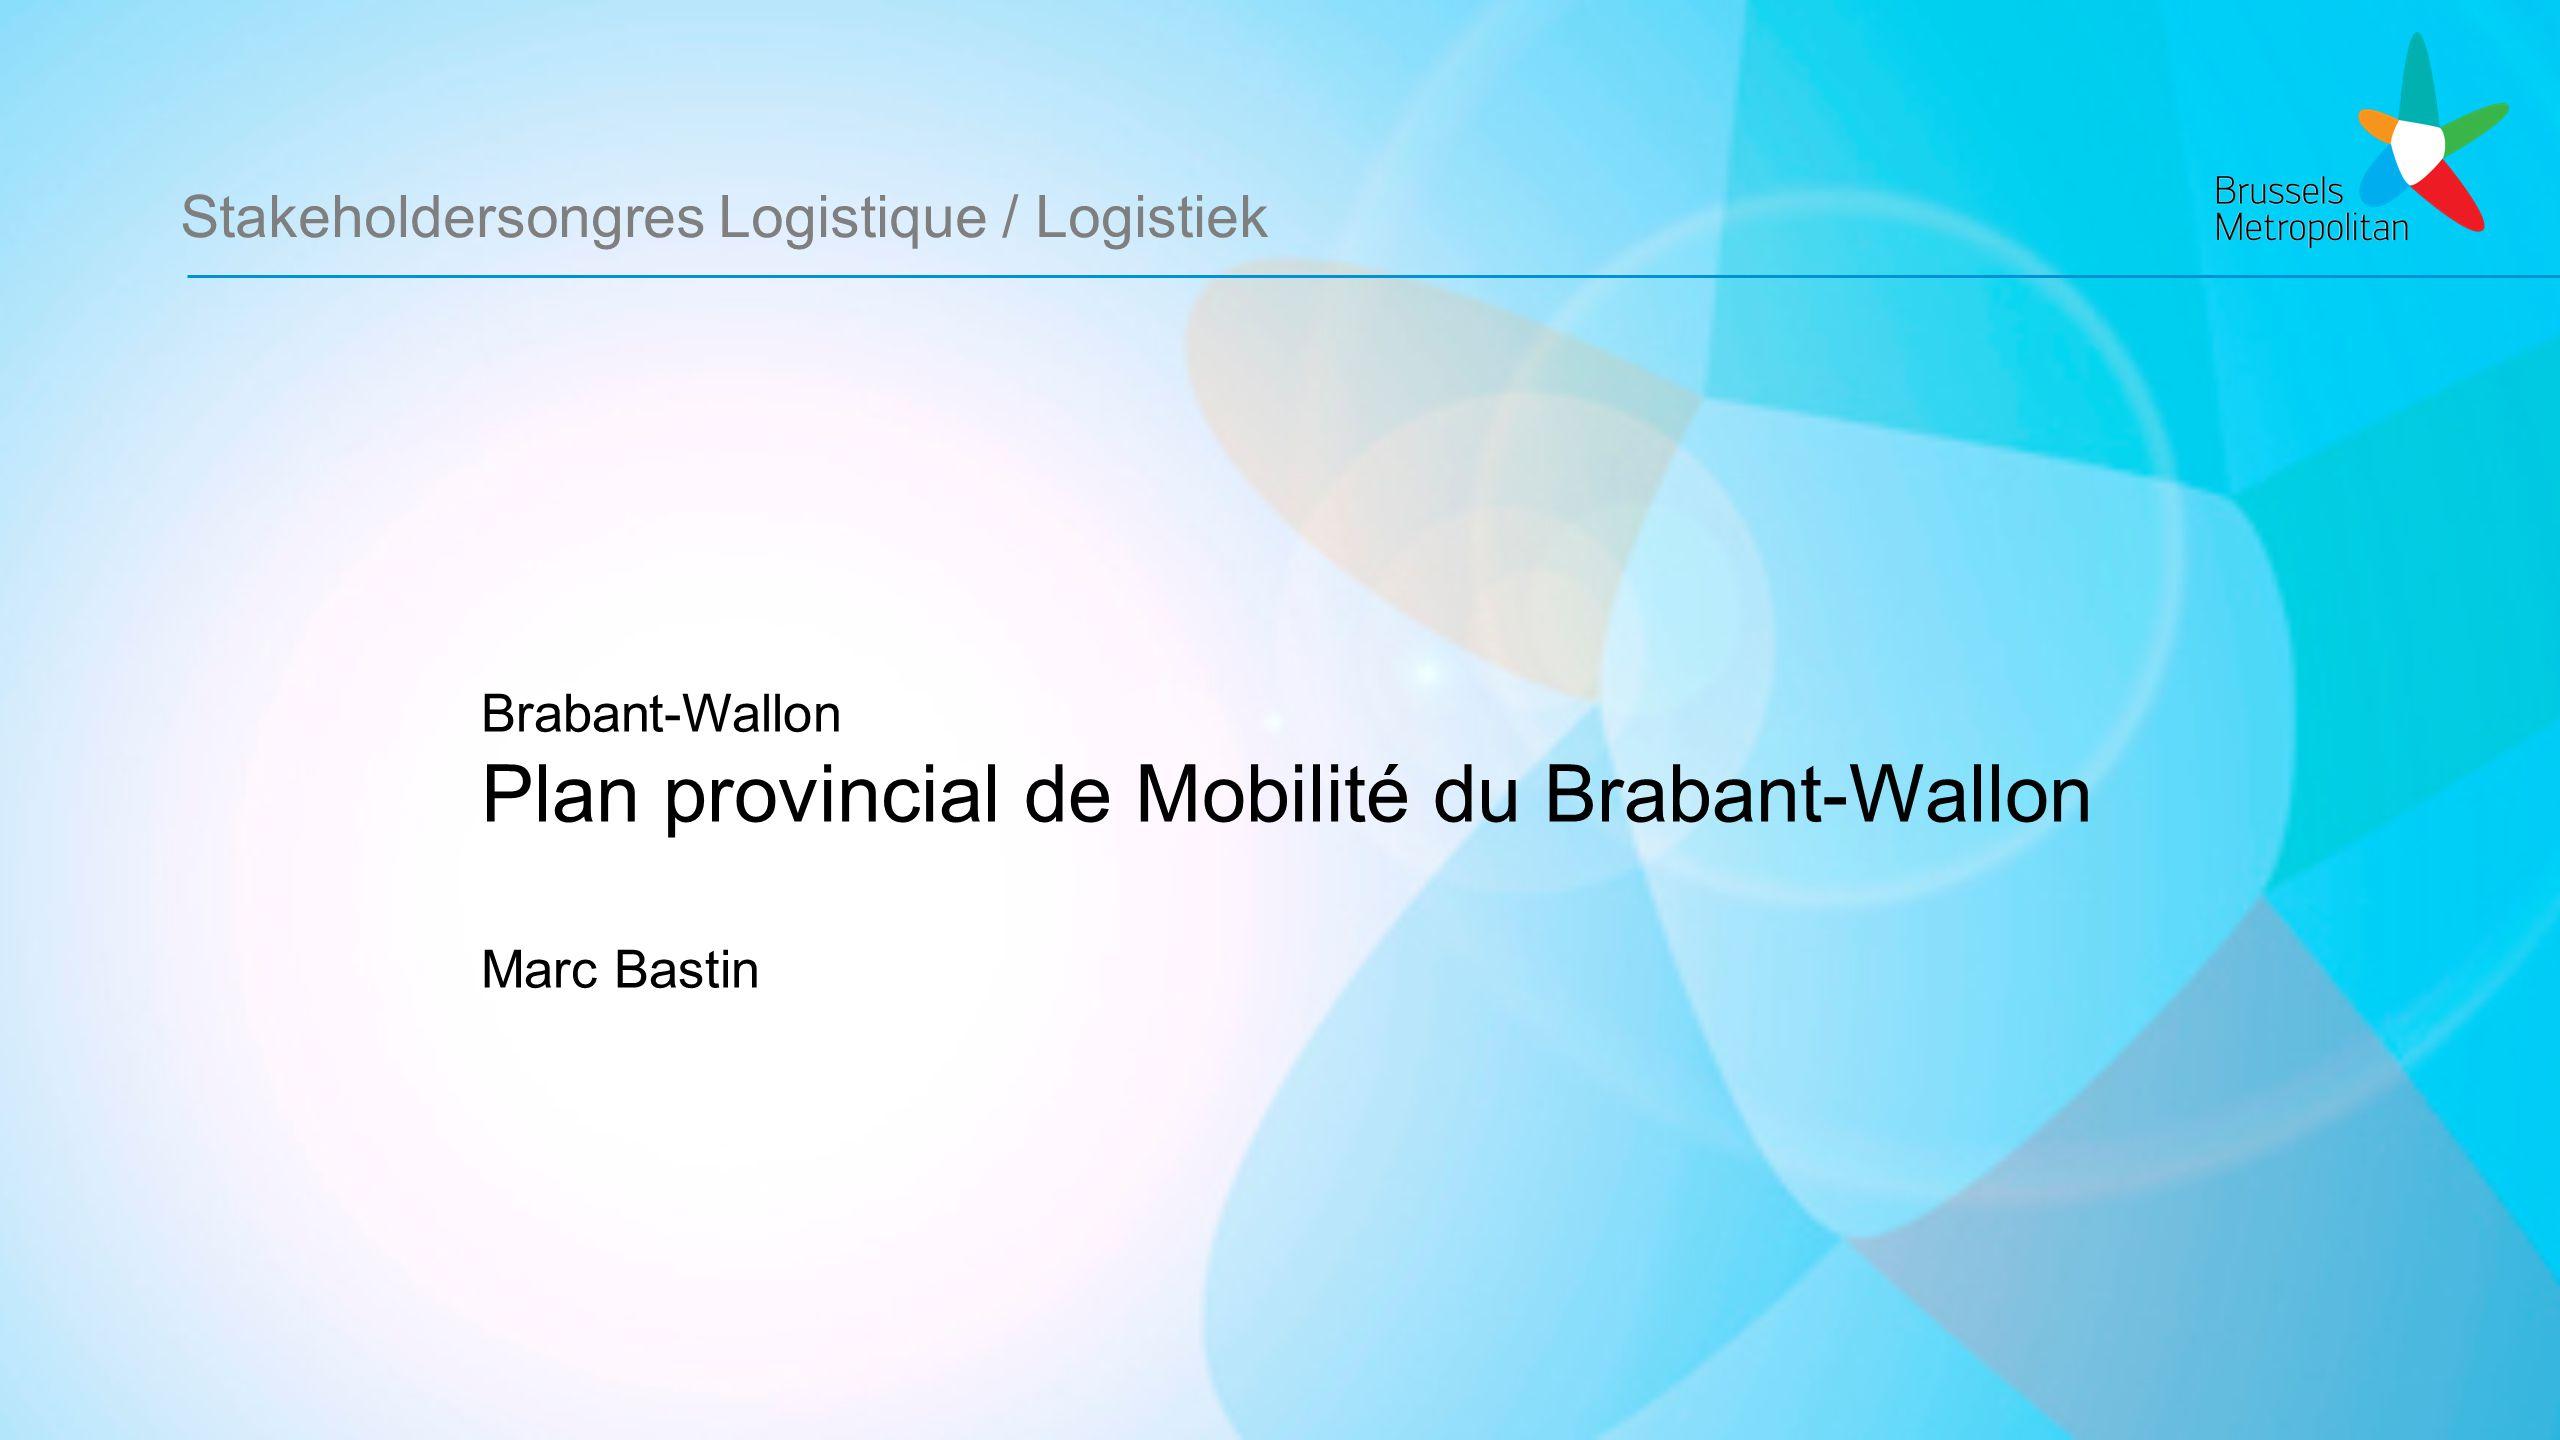 Stakeholdersongres Logistique / Logistiek Brabant-Wallon Plan provincial de Mobilité du Brabant-Wallon Marc Bastin